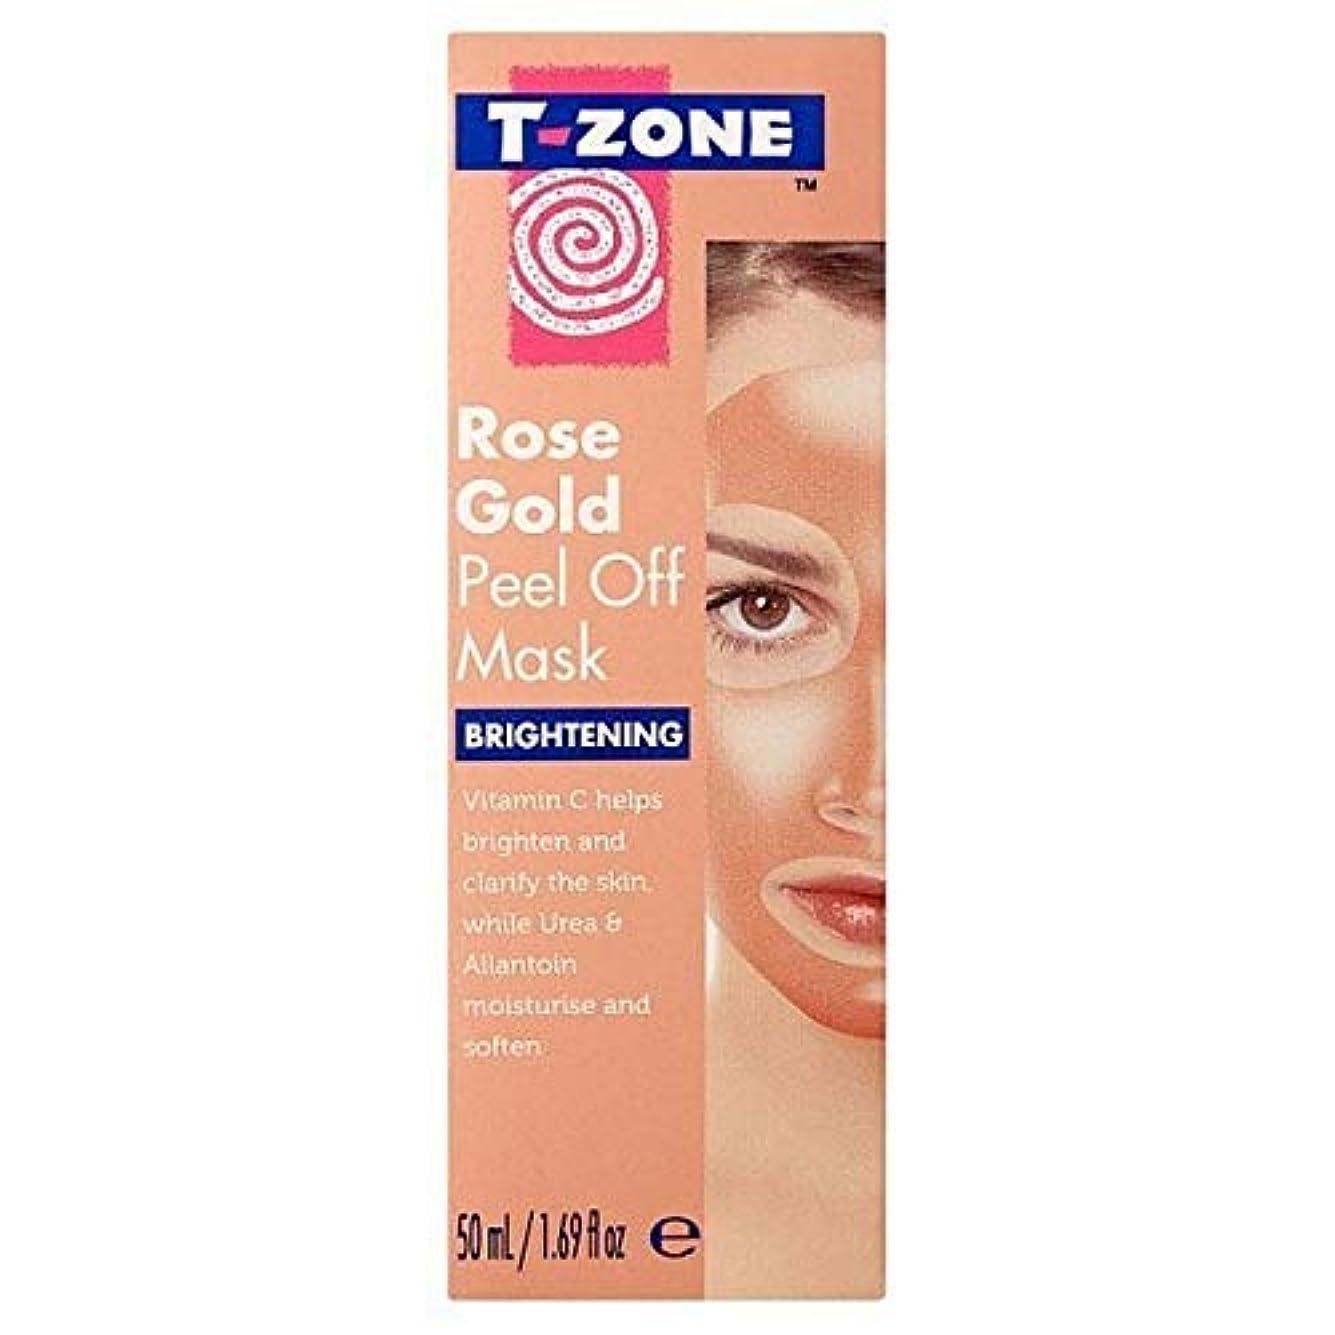 フォアマン帝国アジア人[T-Zone] Tゾーンは、金マスク50ミリリットルを明るくはがしバラ - T-Zone Rose Gold Peel Off Brightening Mask 50ml [並行輸入品]